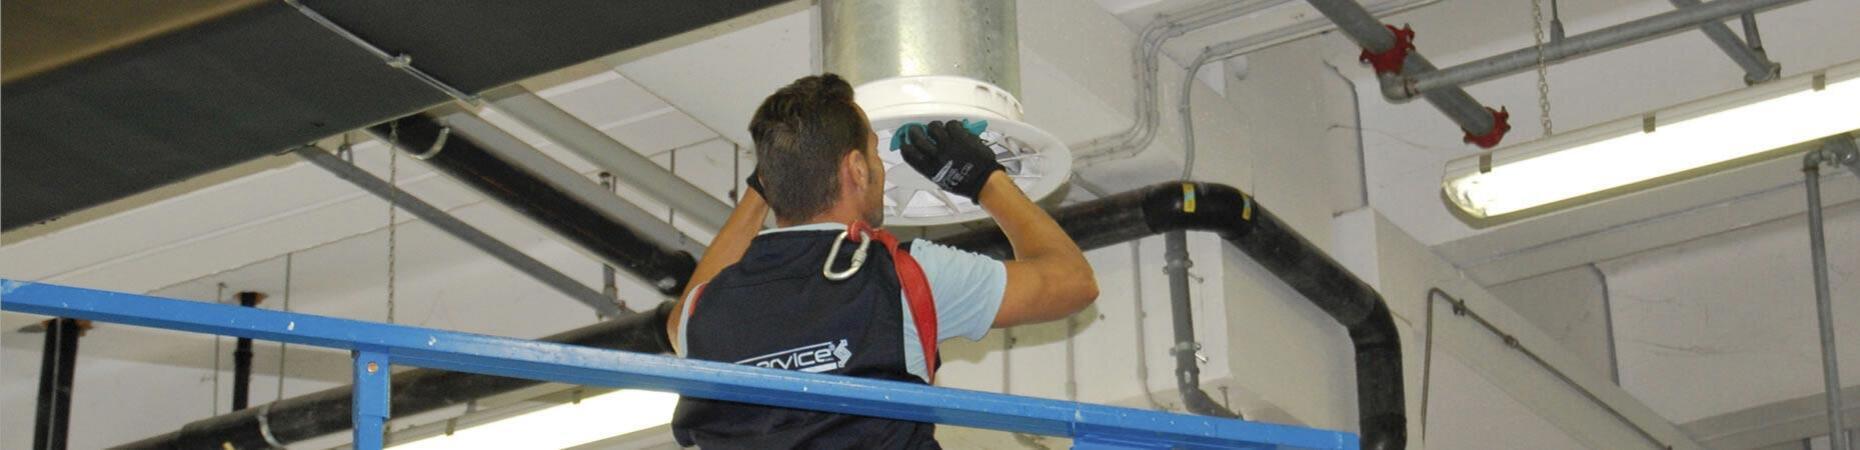 ecoservice-bologna it pulizia-e-sanificazione-condotti-aria-bologna 005